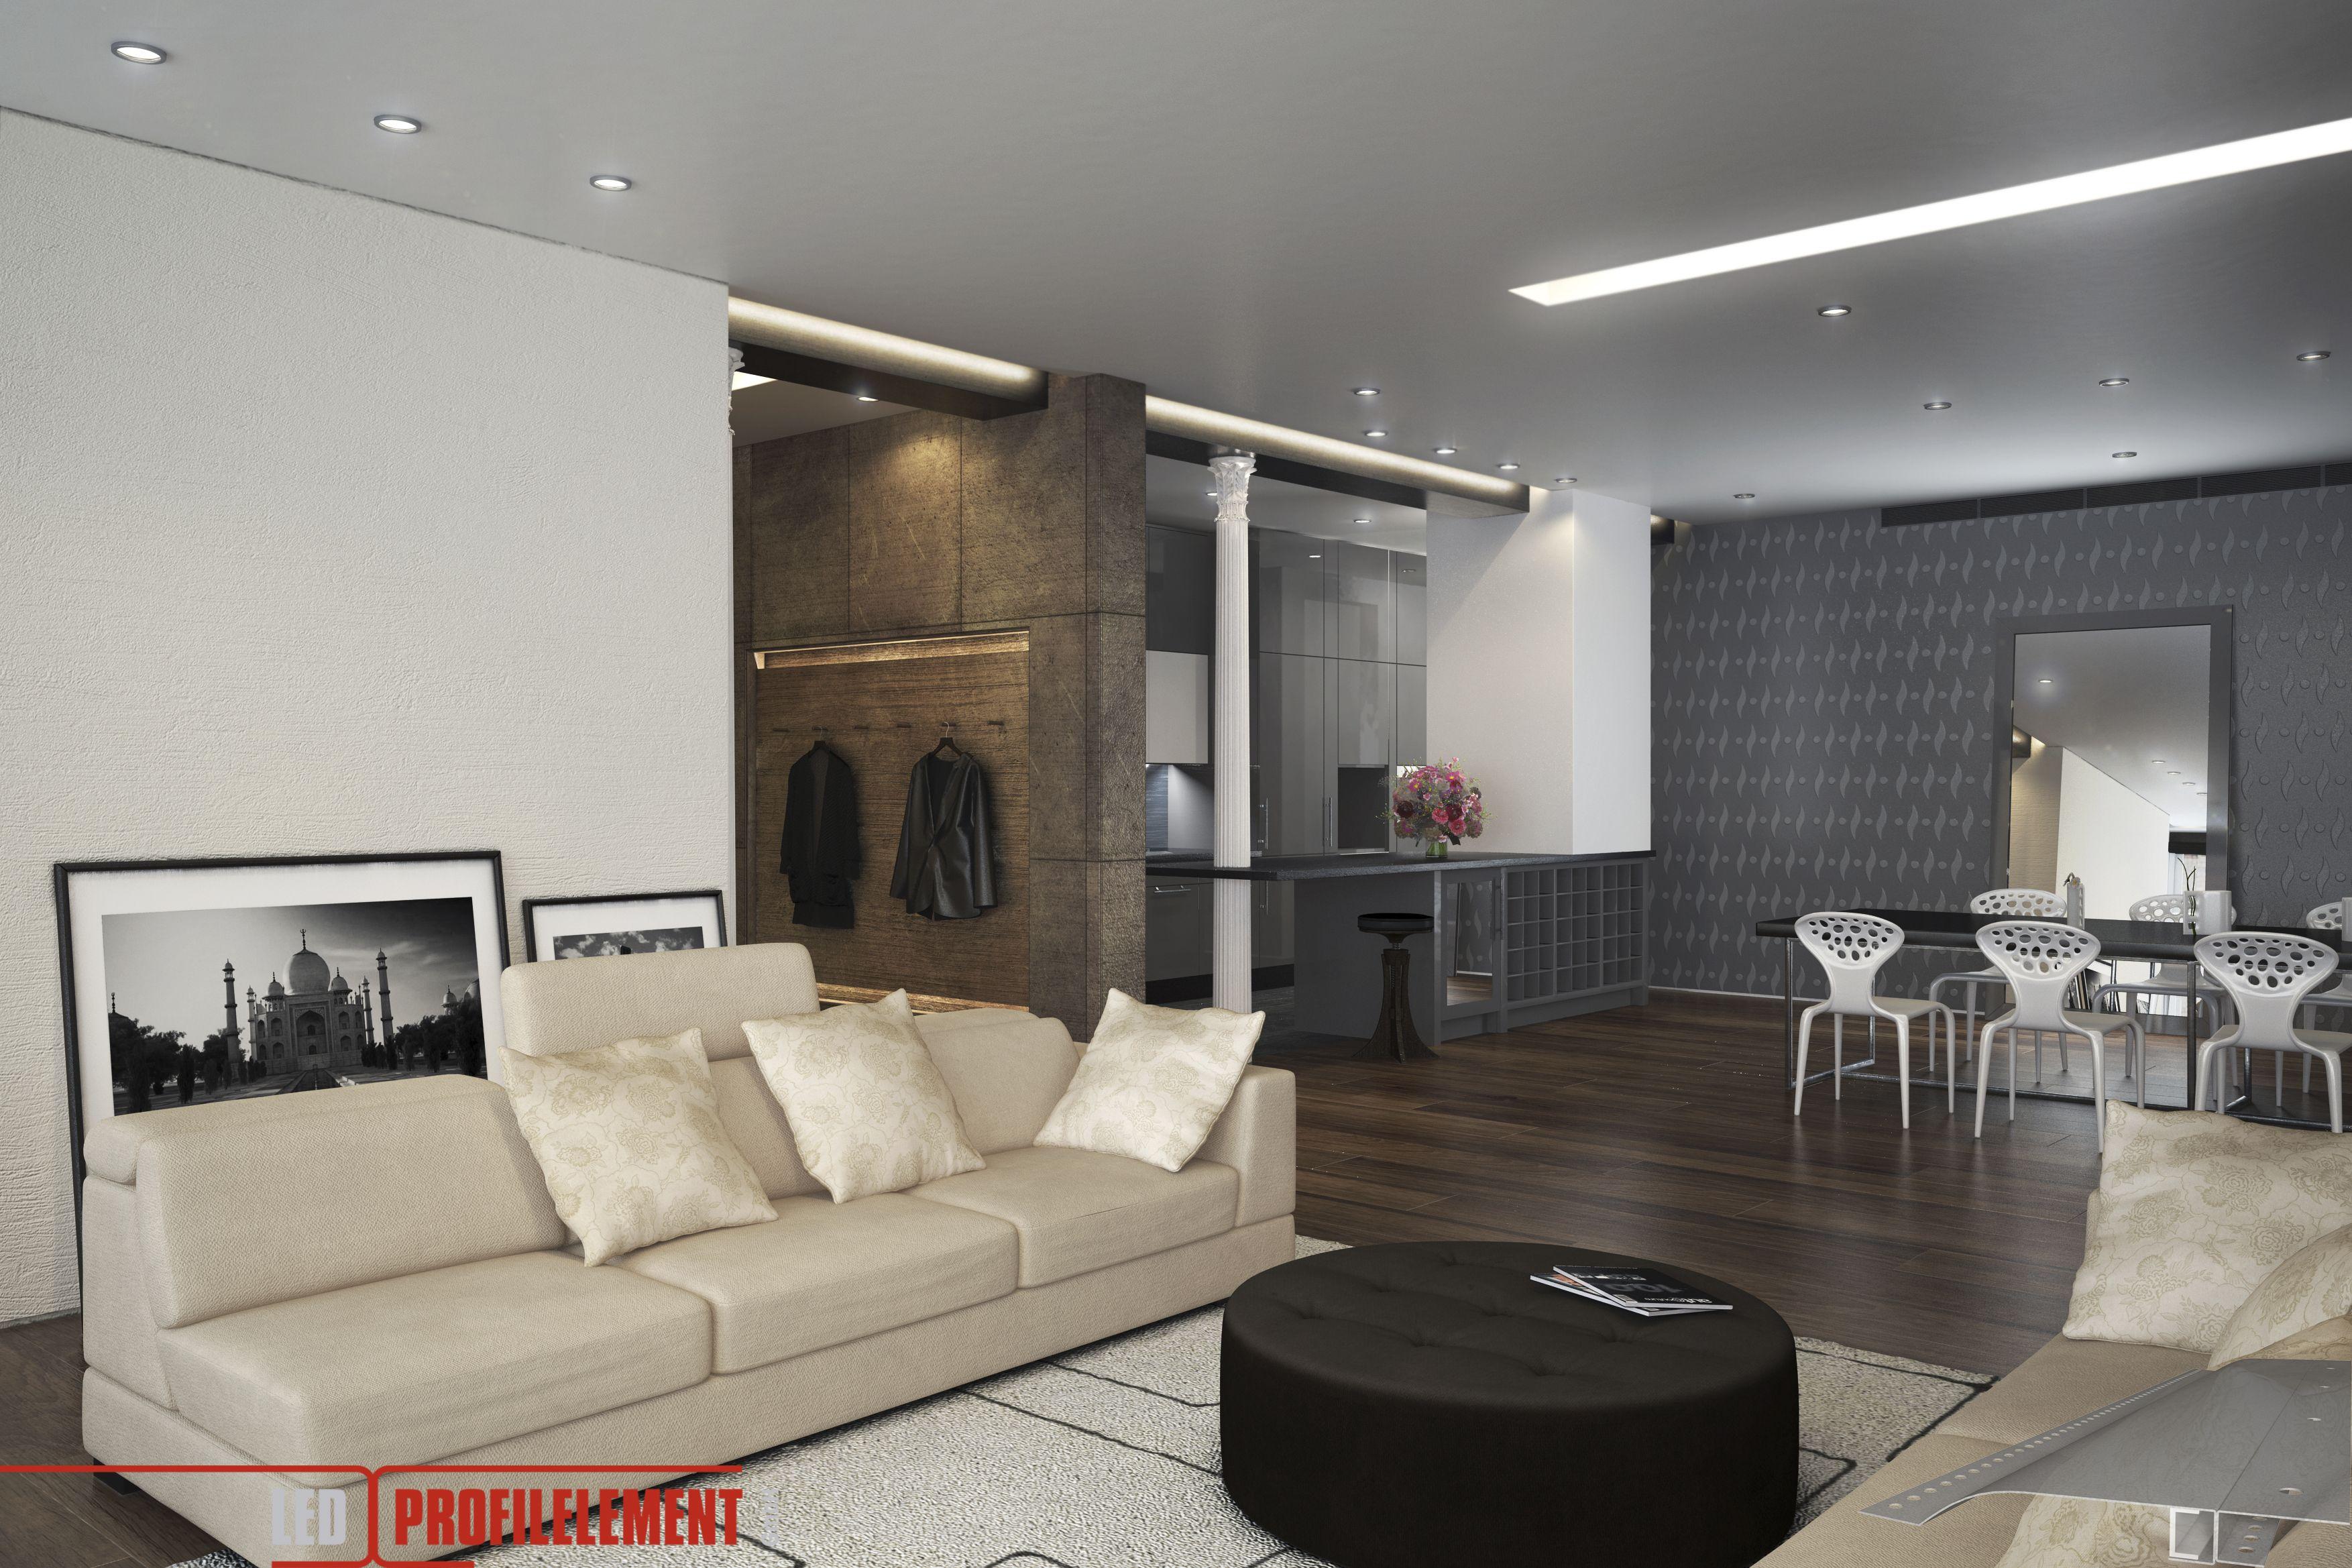 Lichtdesign mit LED Beleuchtungslösungen für Decke Wände Böden